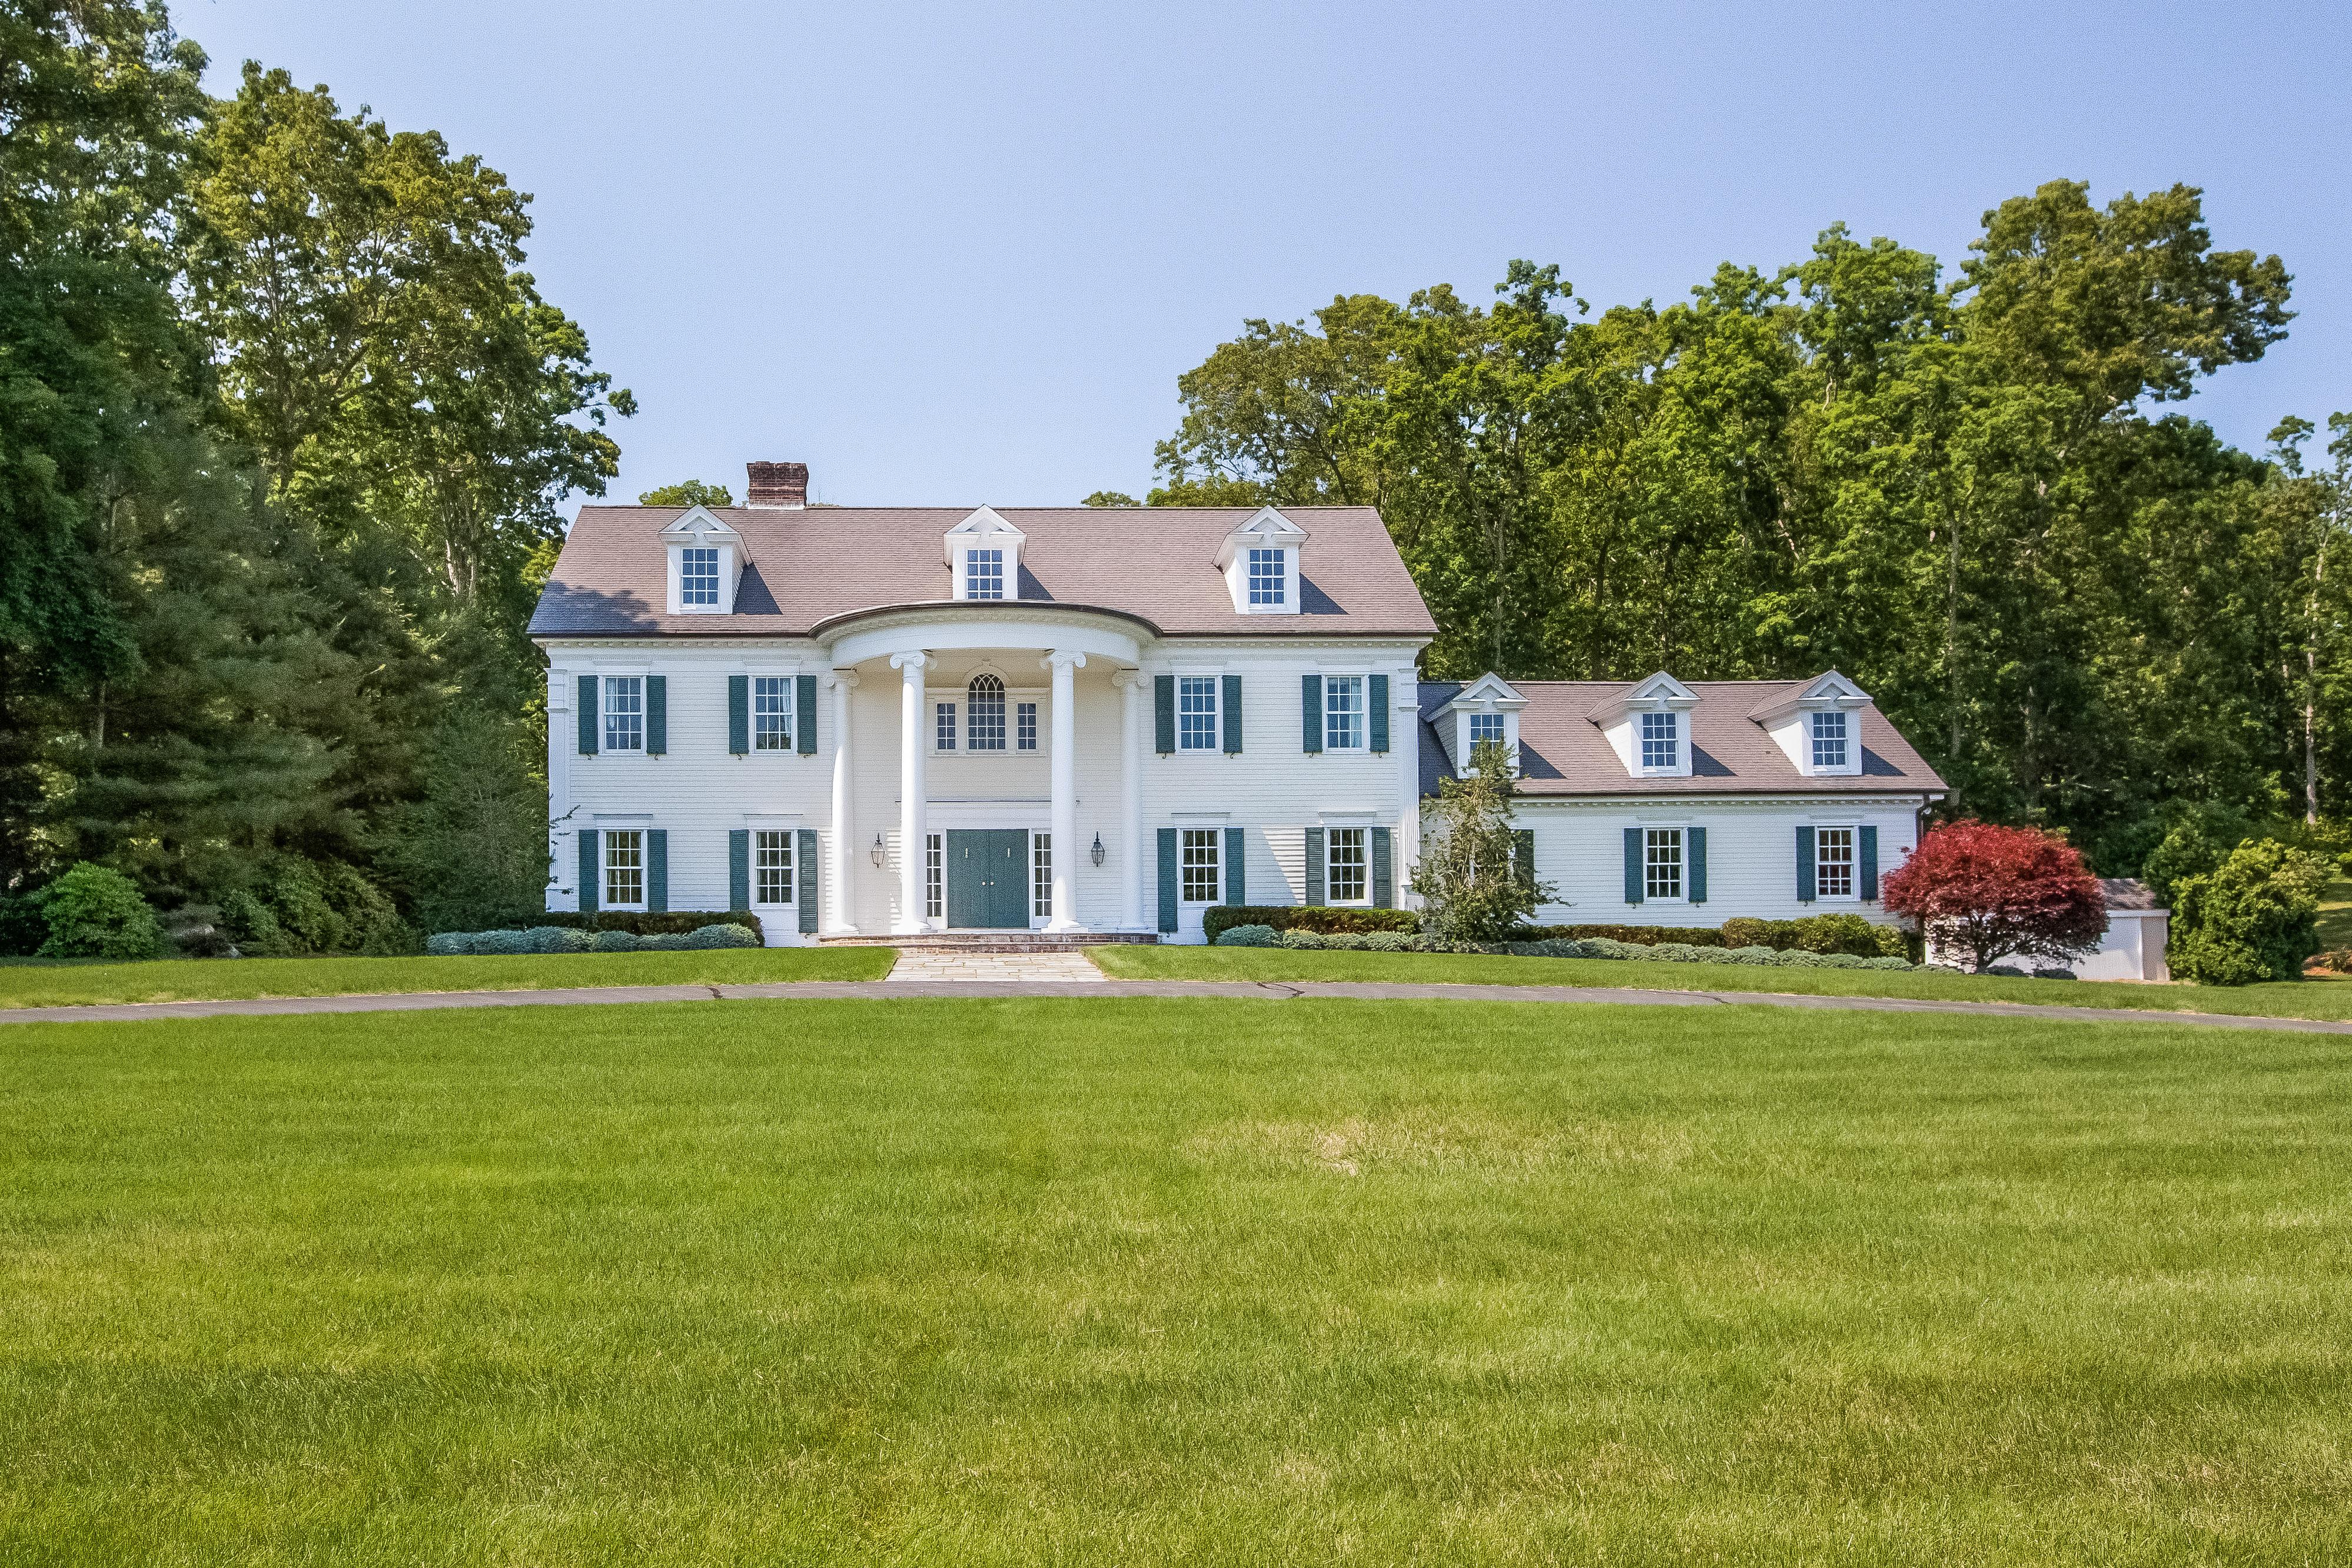 独户住宅 为 销售 在 381 Boston Post Rd 麦迪逊, 康涅狄格州, 06443 美国